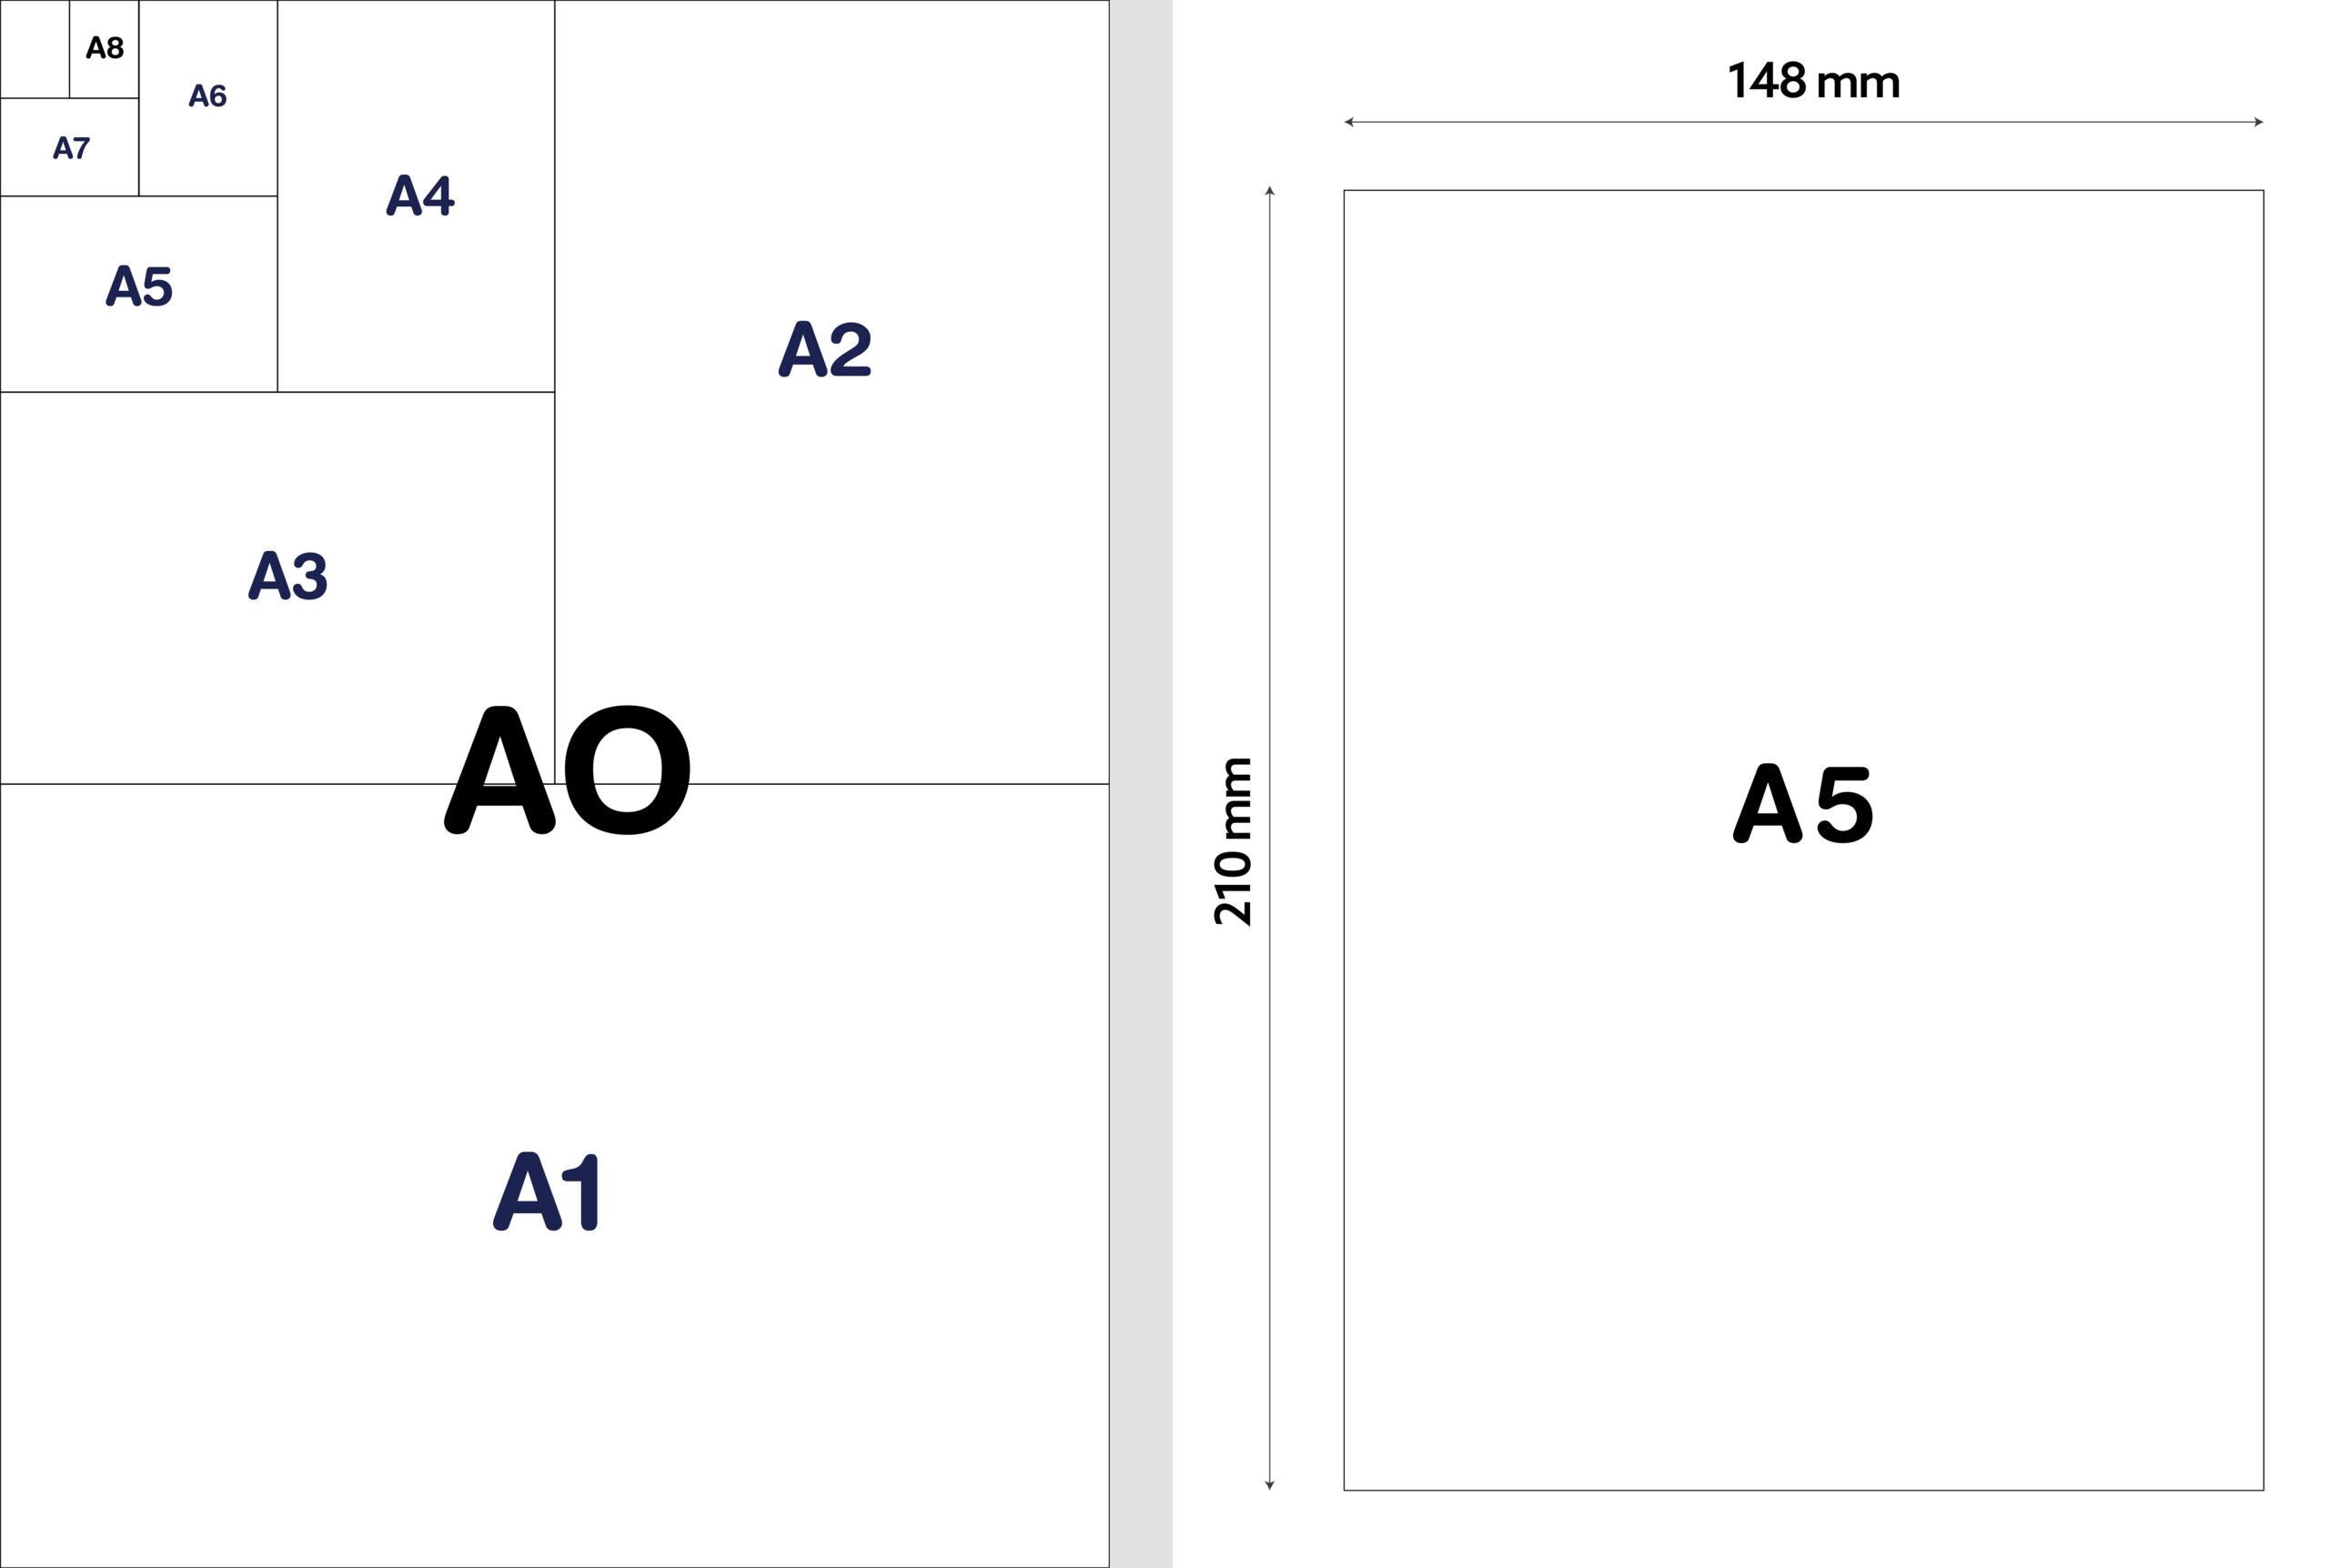 Ukuran Kertas A5 dan seri A lainnya